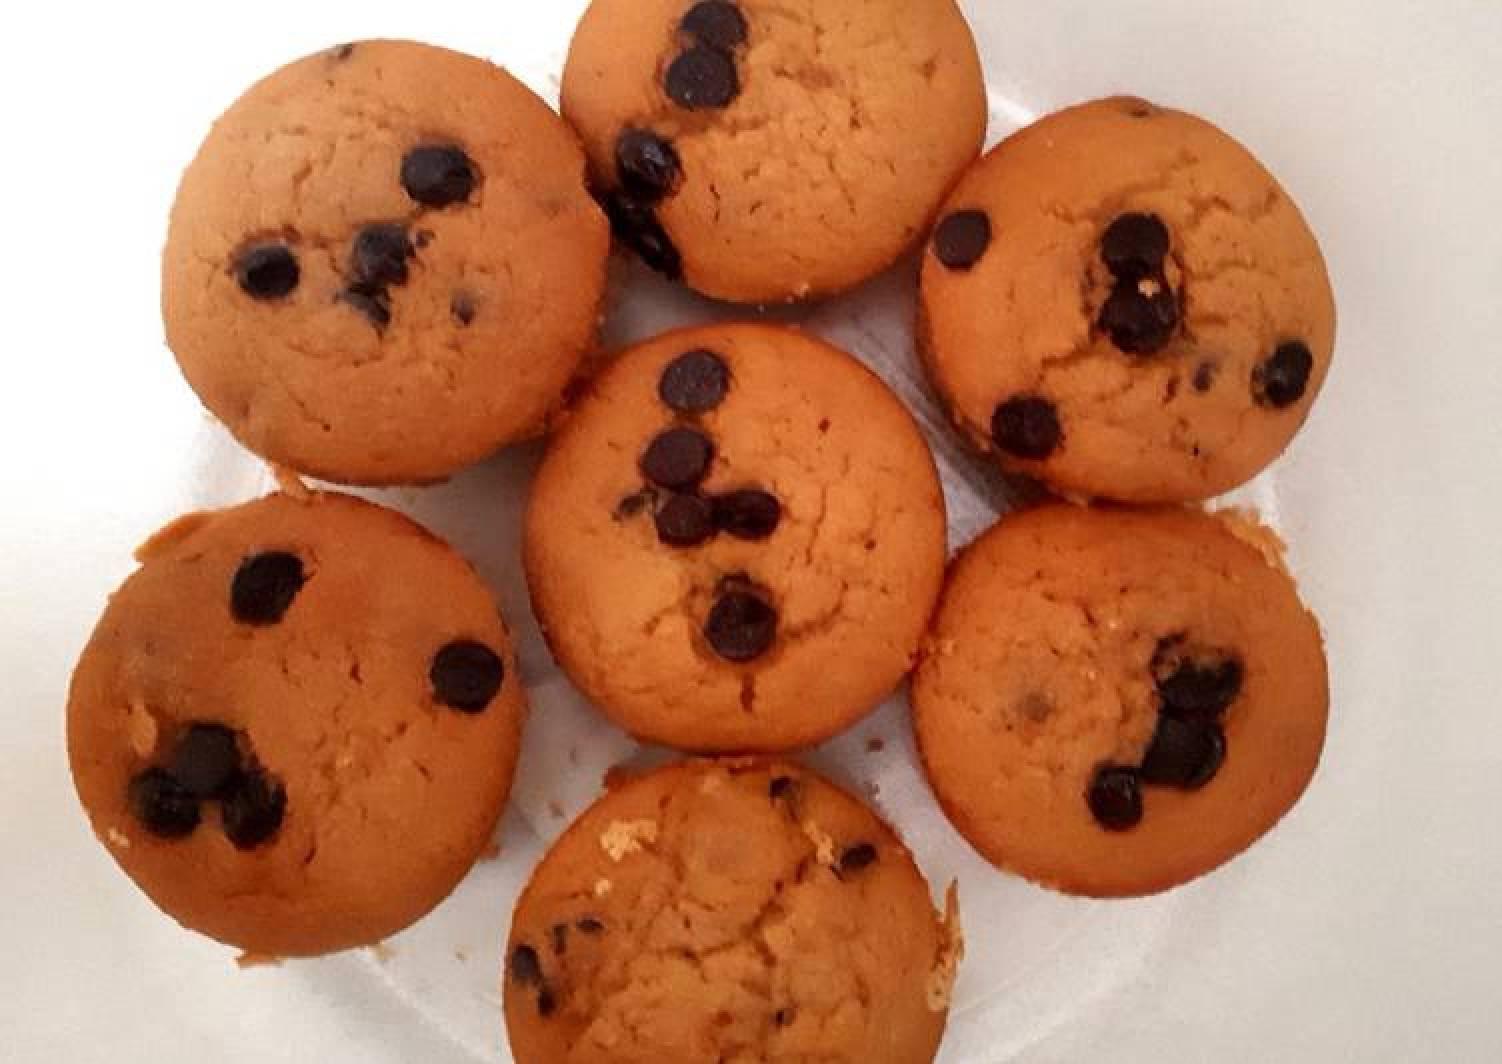 Gluten-Free Chocolate Chips Rice Flour Muffins